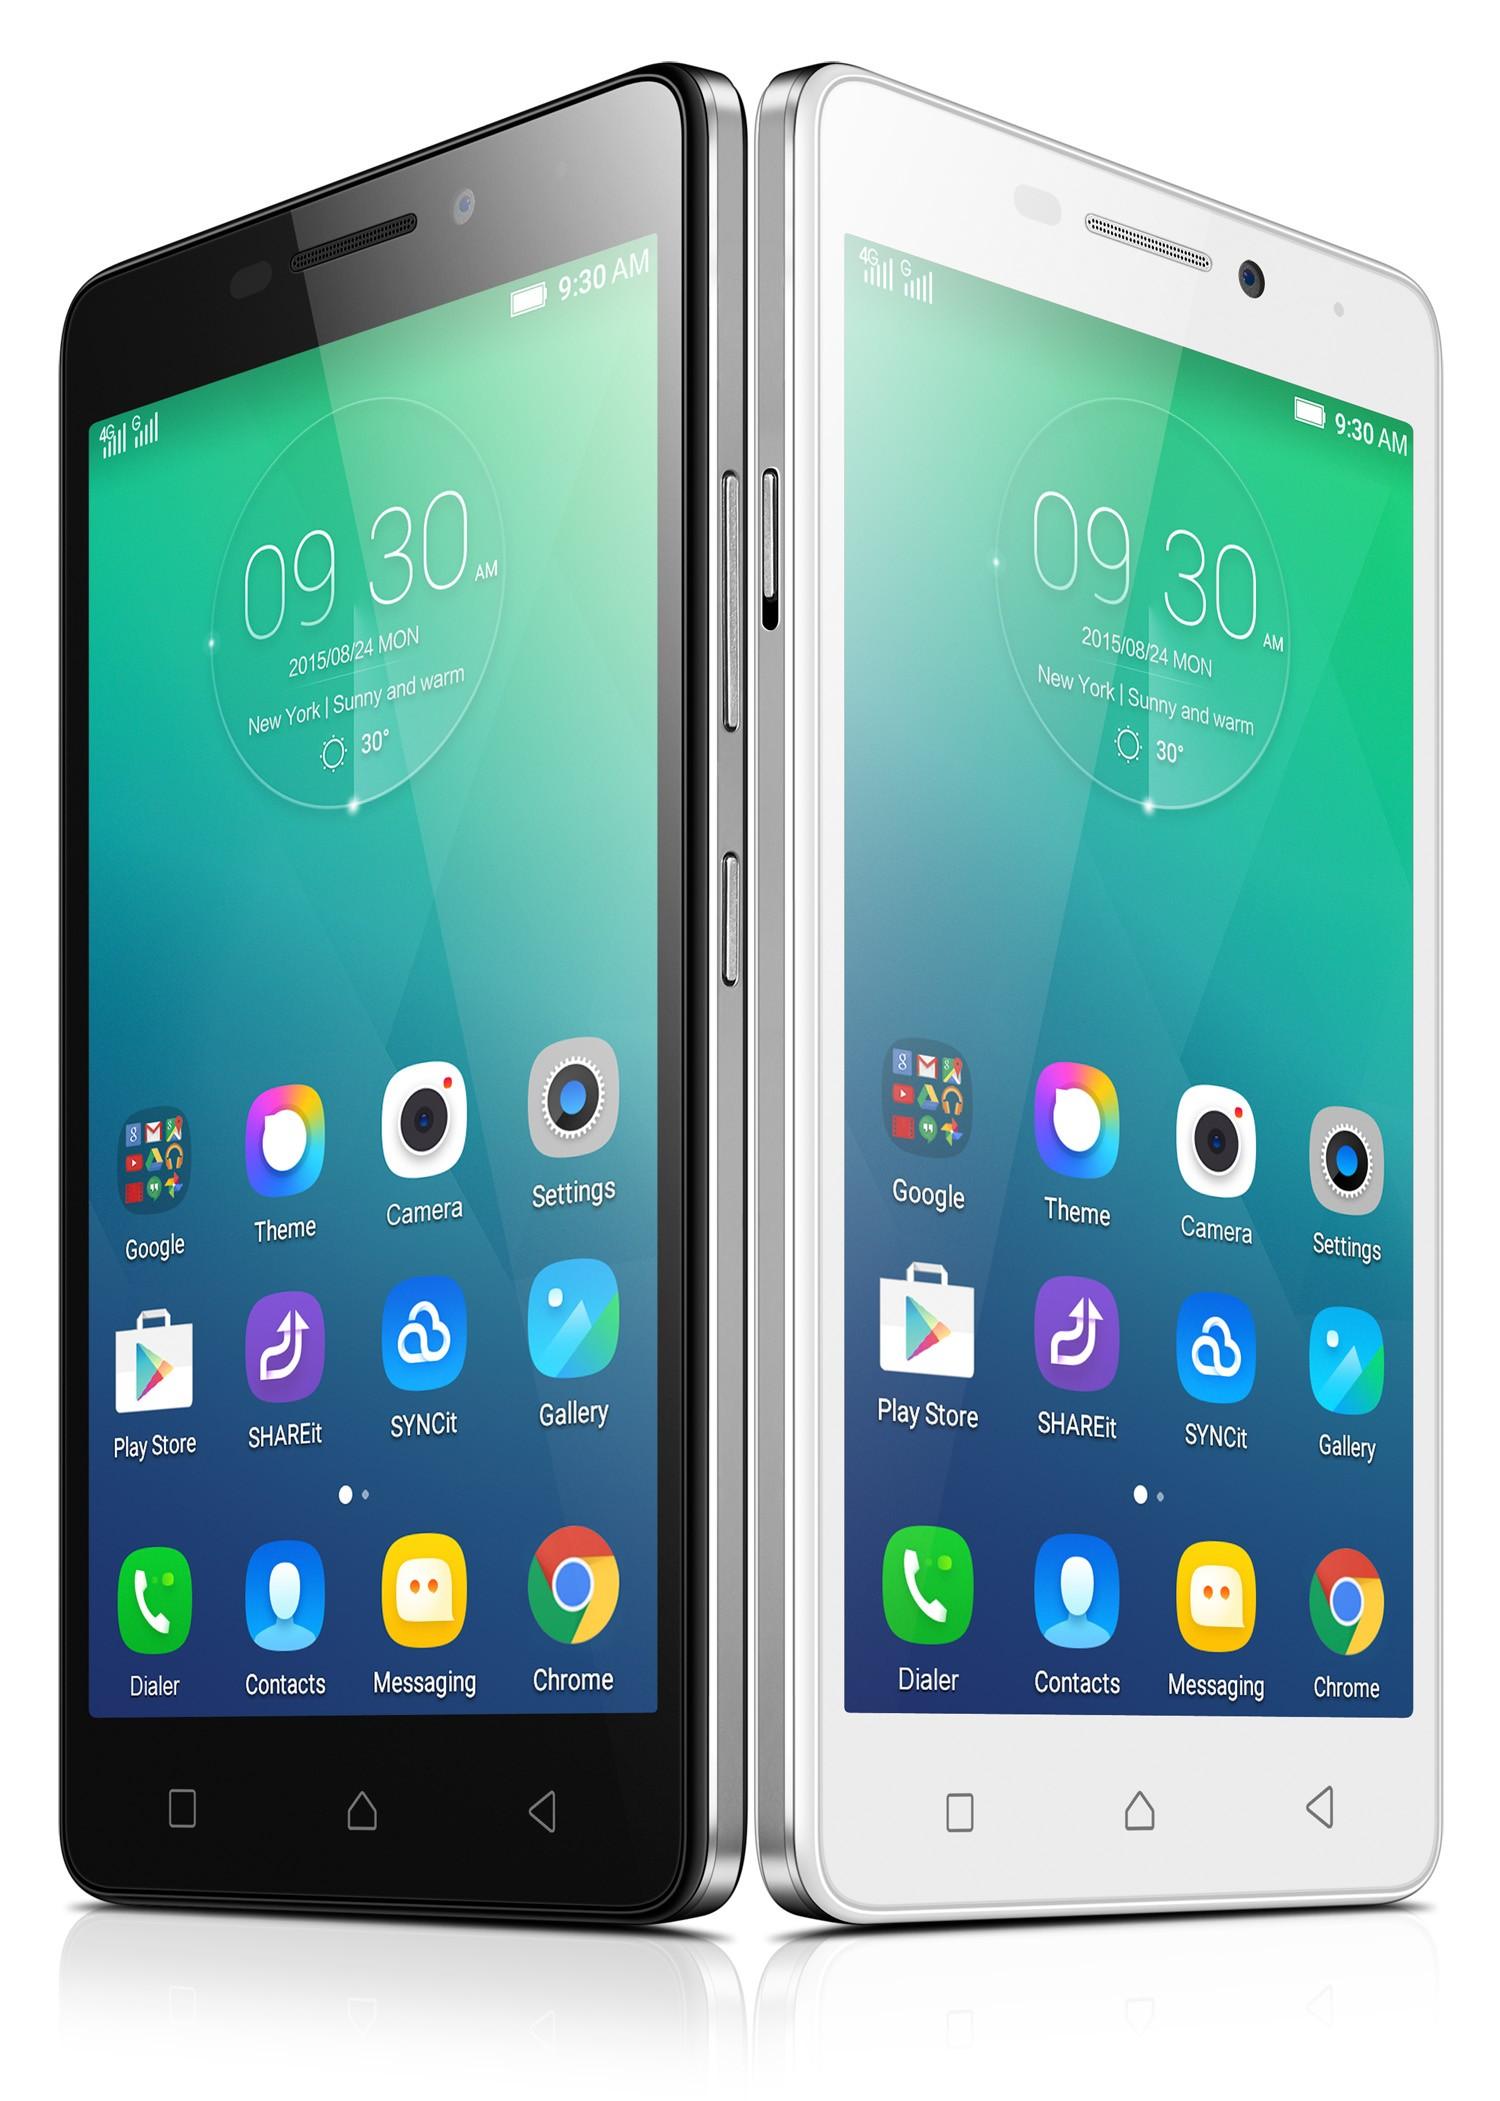 VIBE P1m 03202 - Lenovo ra mắt smartphone VIBE P1m pin dung lượng cao